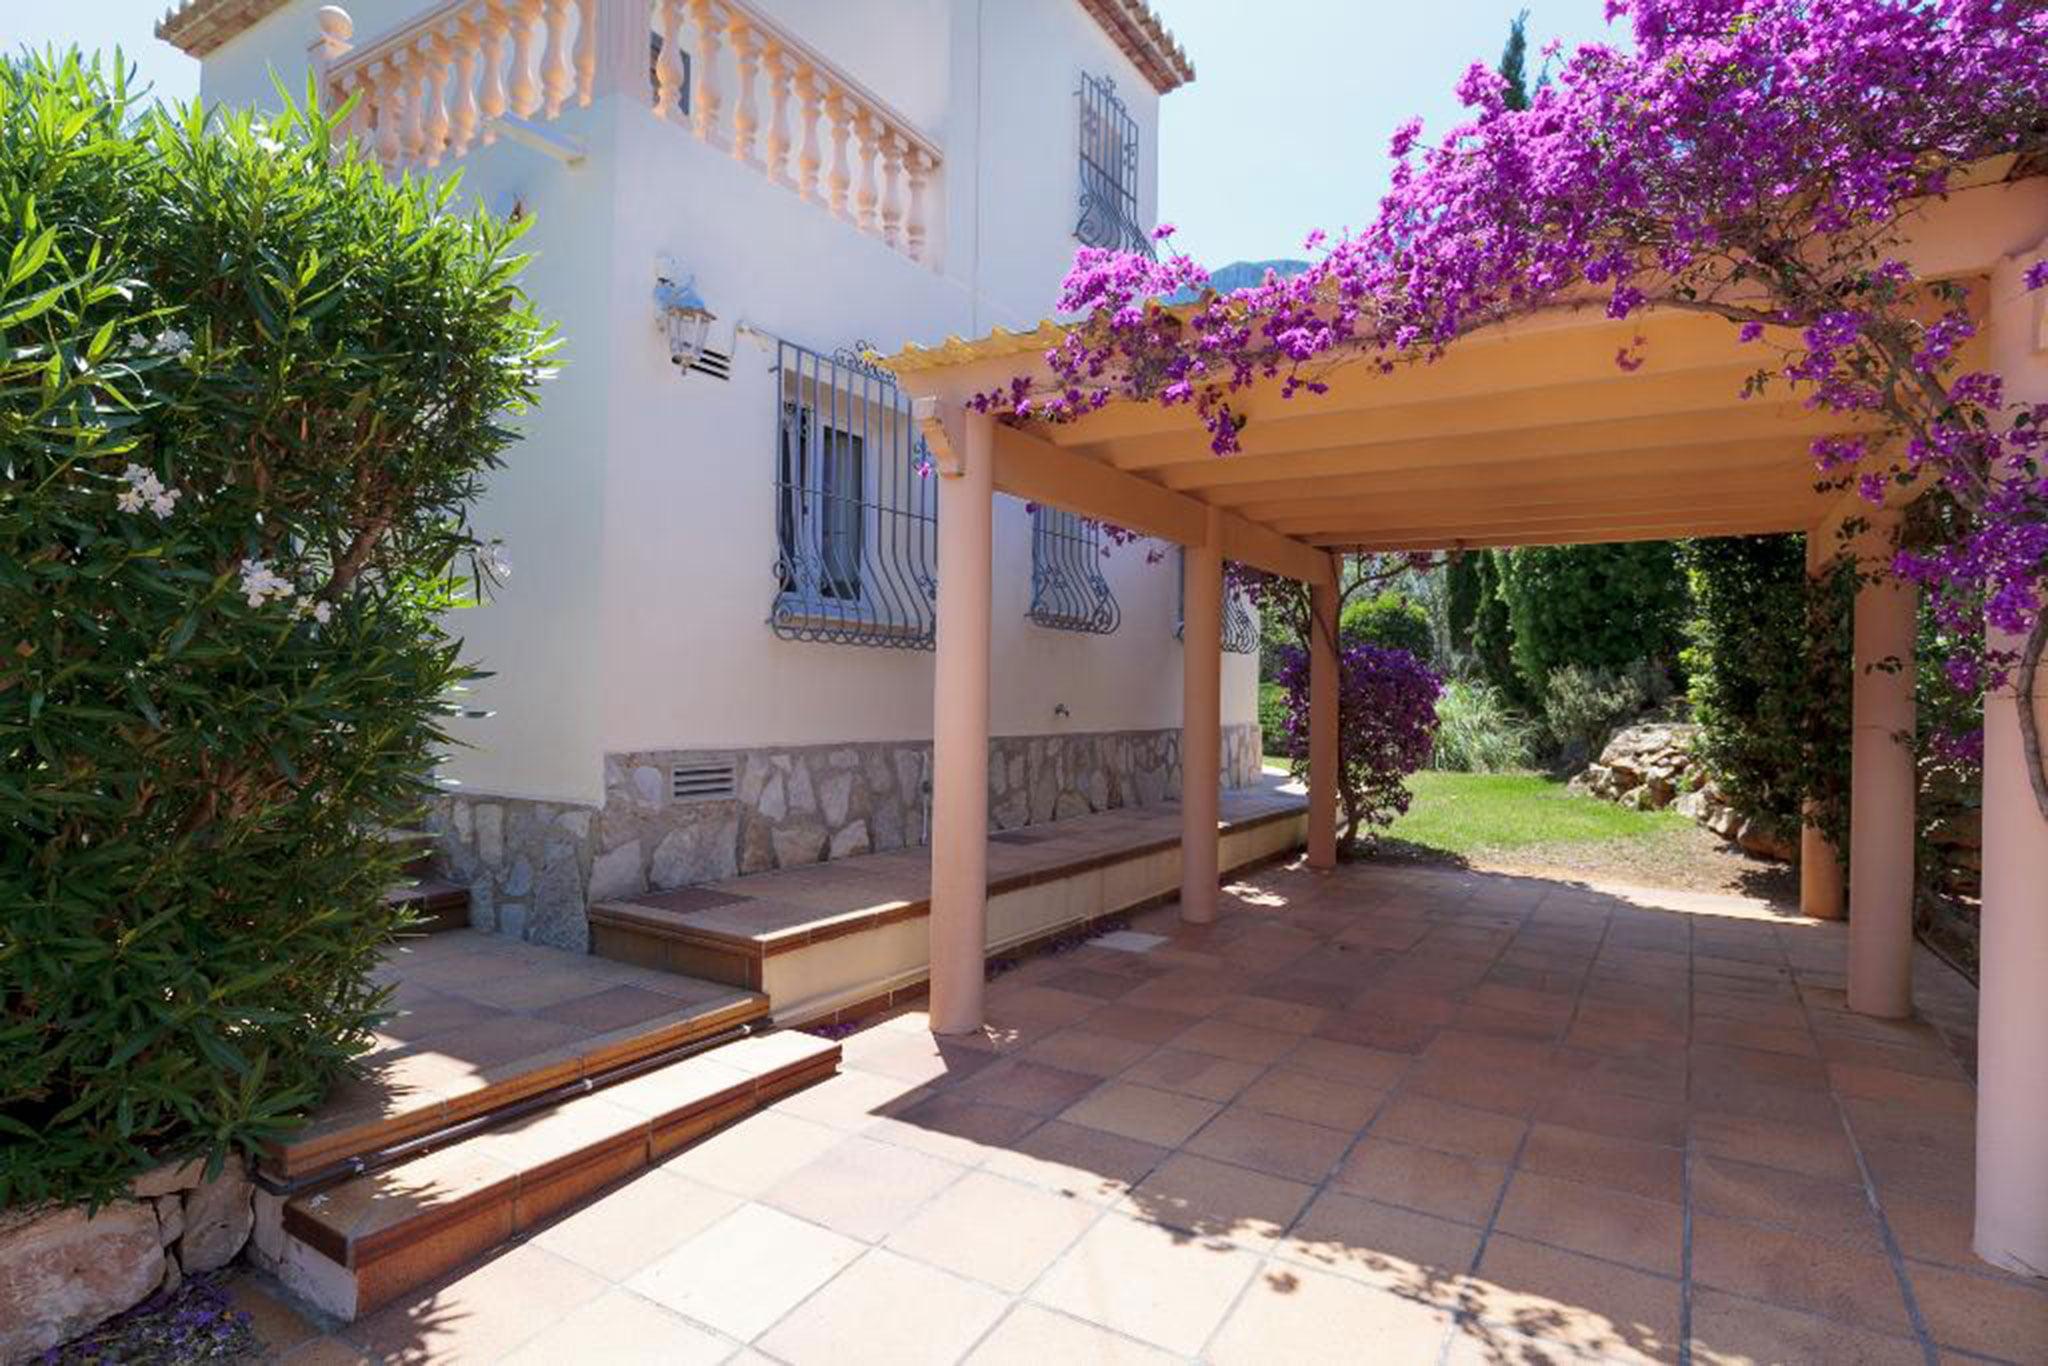 Aparcamiento cubierto de una casa en alquiler vacacional en Dénia – Quality Rent a Villa